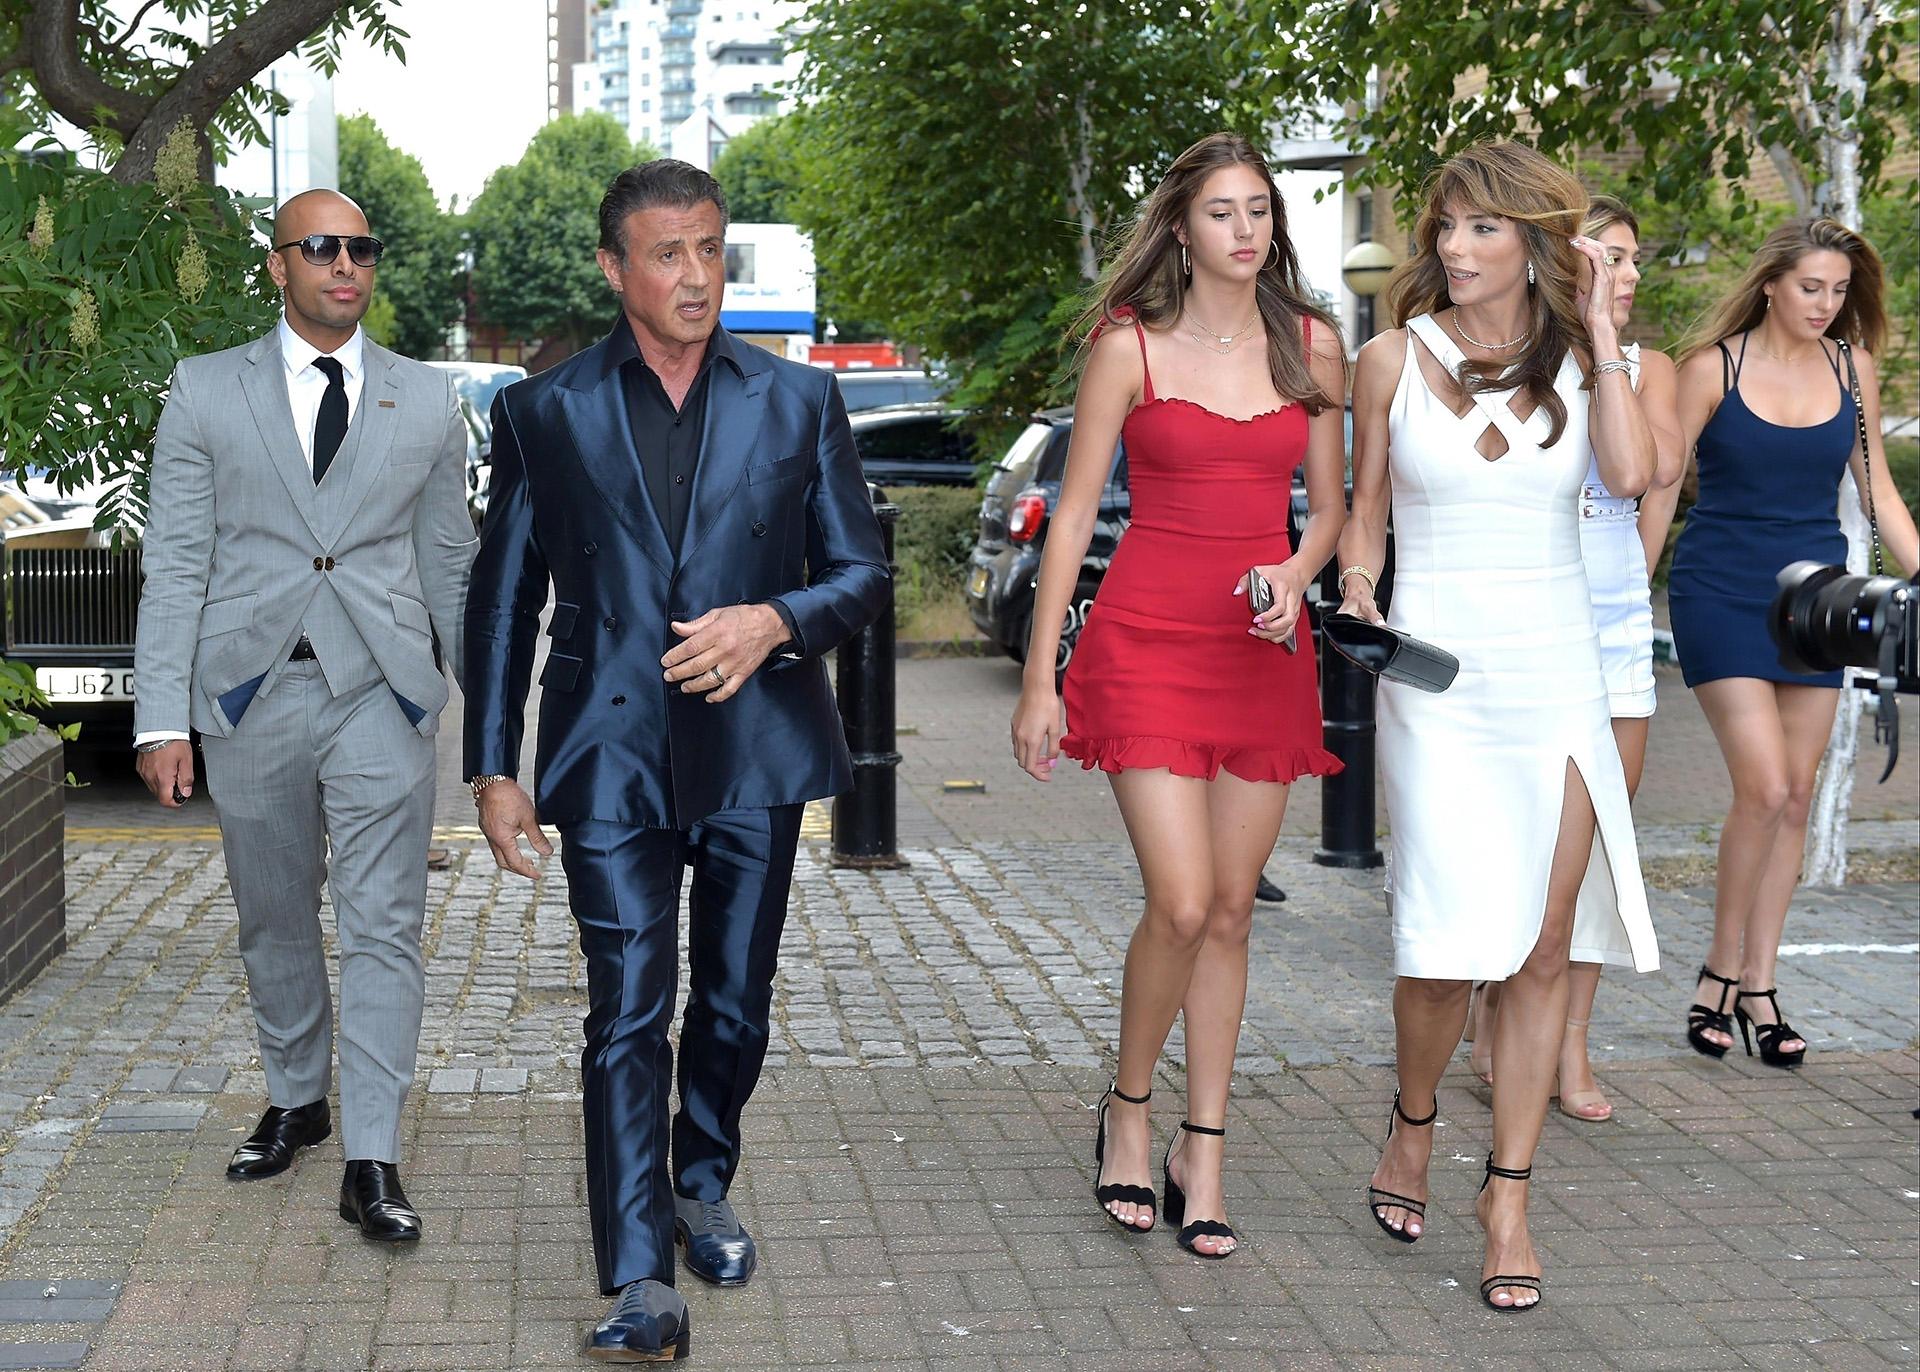 La estrella de Hollywood llegó a acompañado por su familia (Grosby Group)